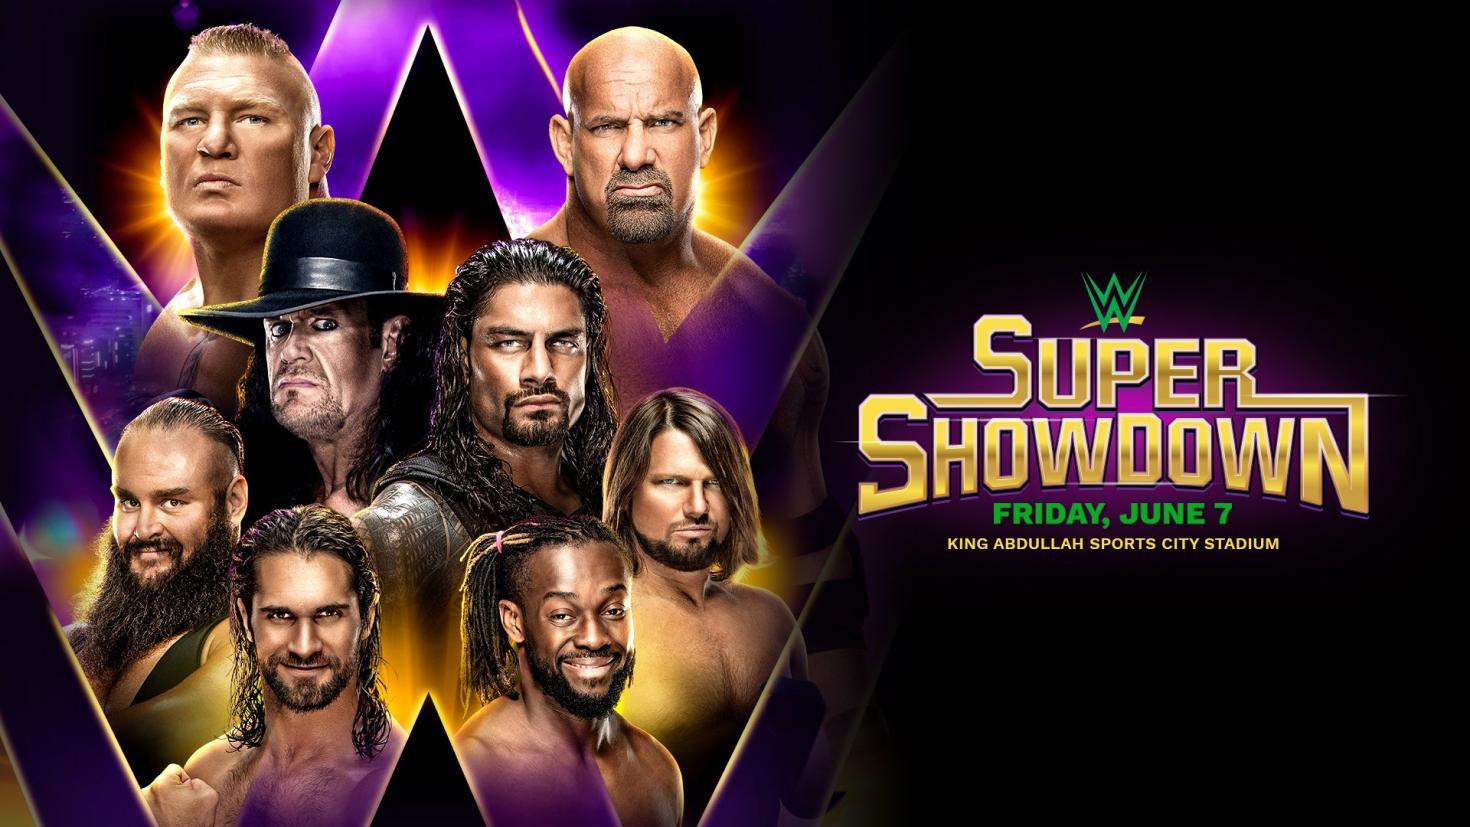 Super ShowDown matches